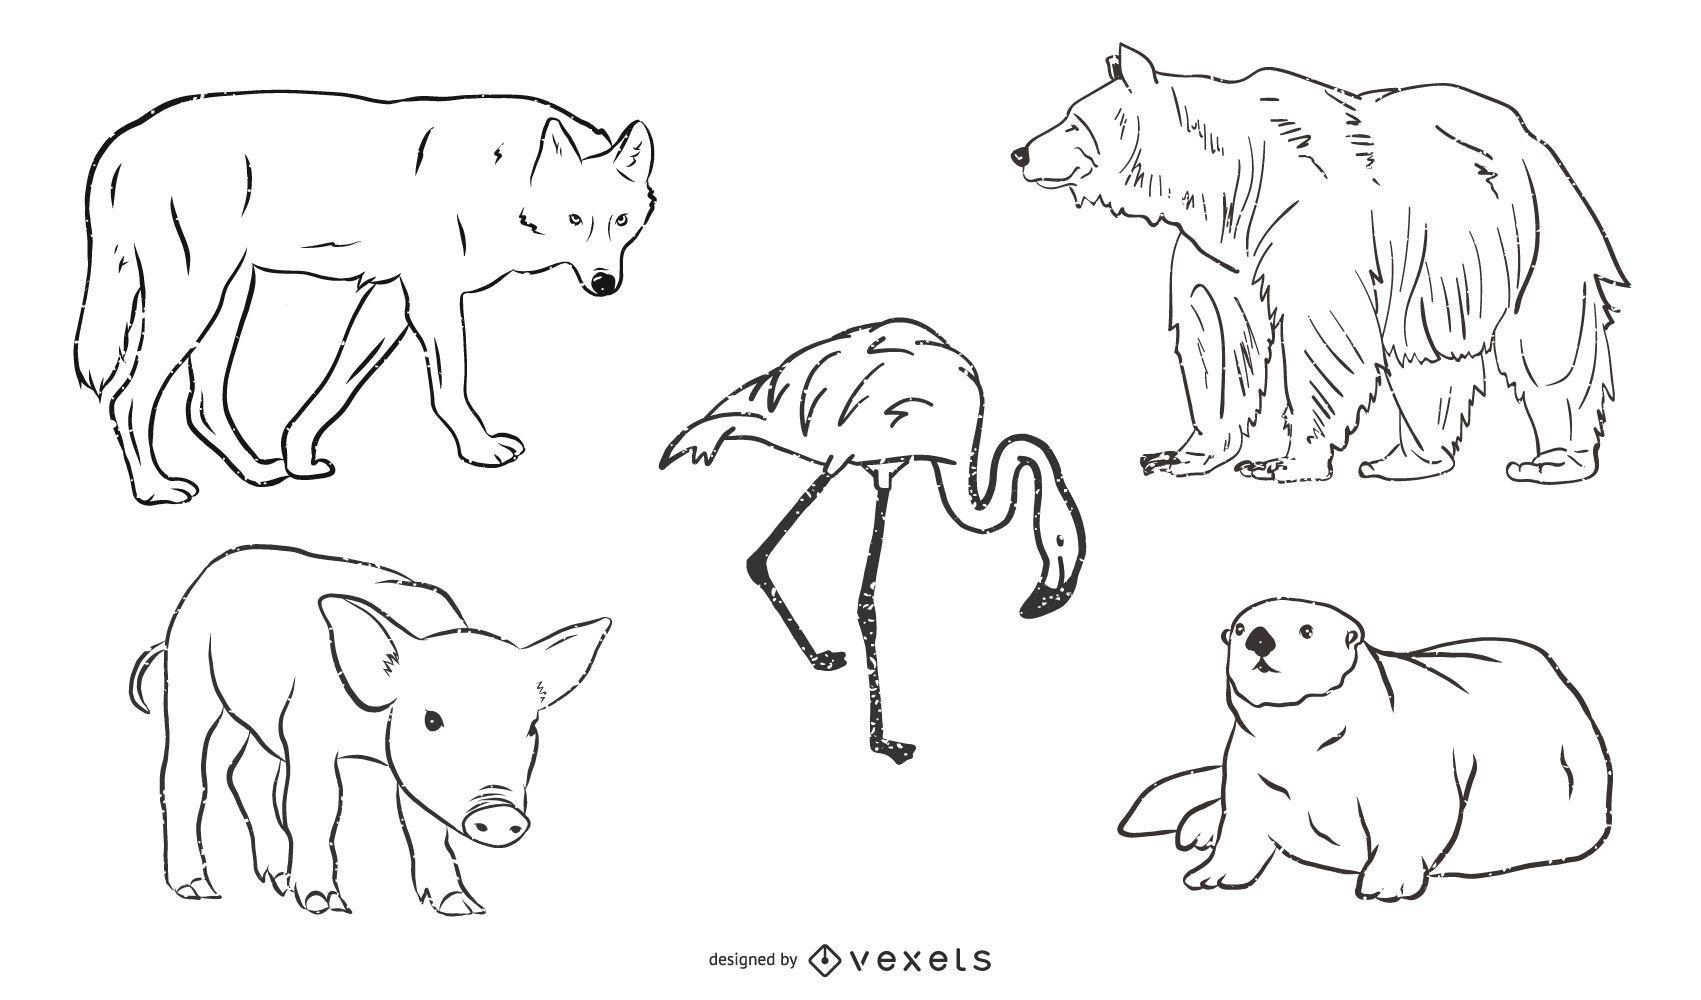 Paquete de bocetos de animales en blanco y negro